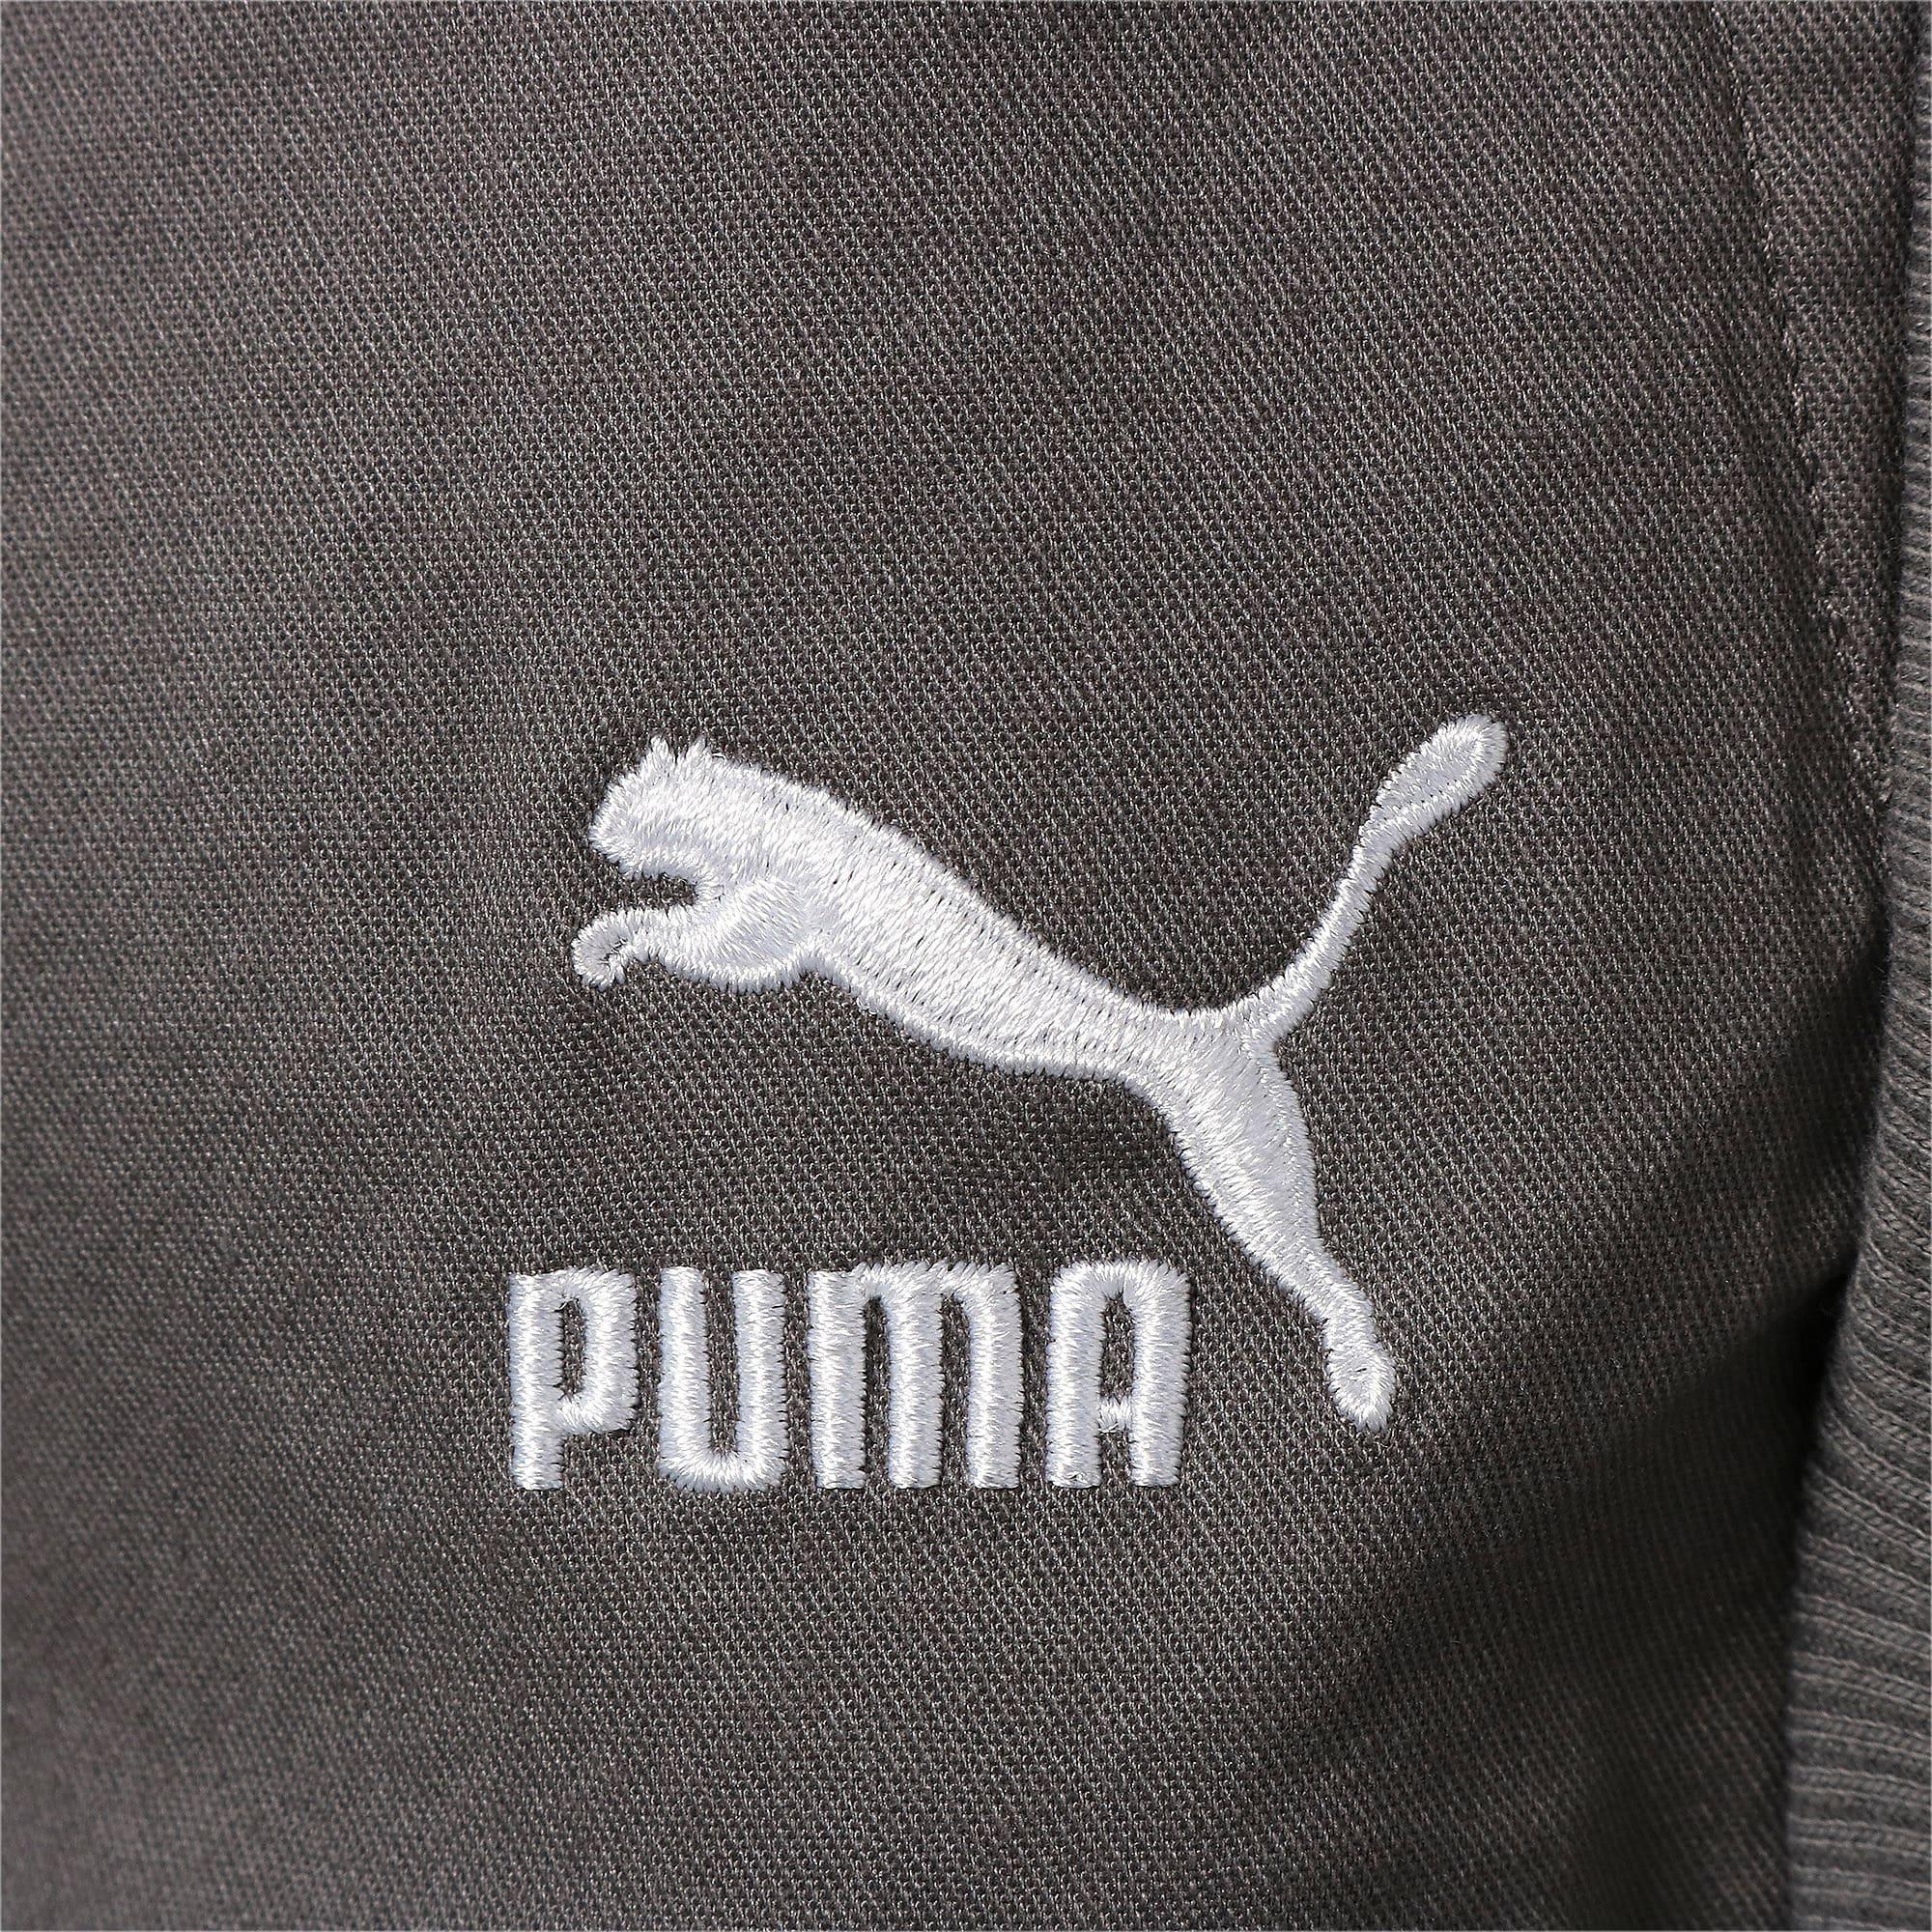 Thumbnail 4 of PUMA x TYAKASHA トラックパンツ, CASTLEROCK, medium-JPN